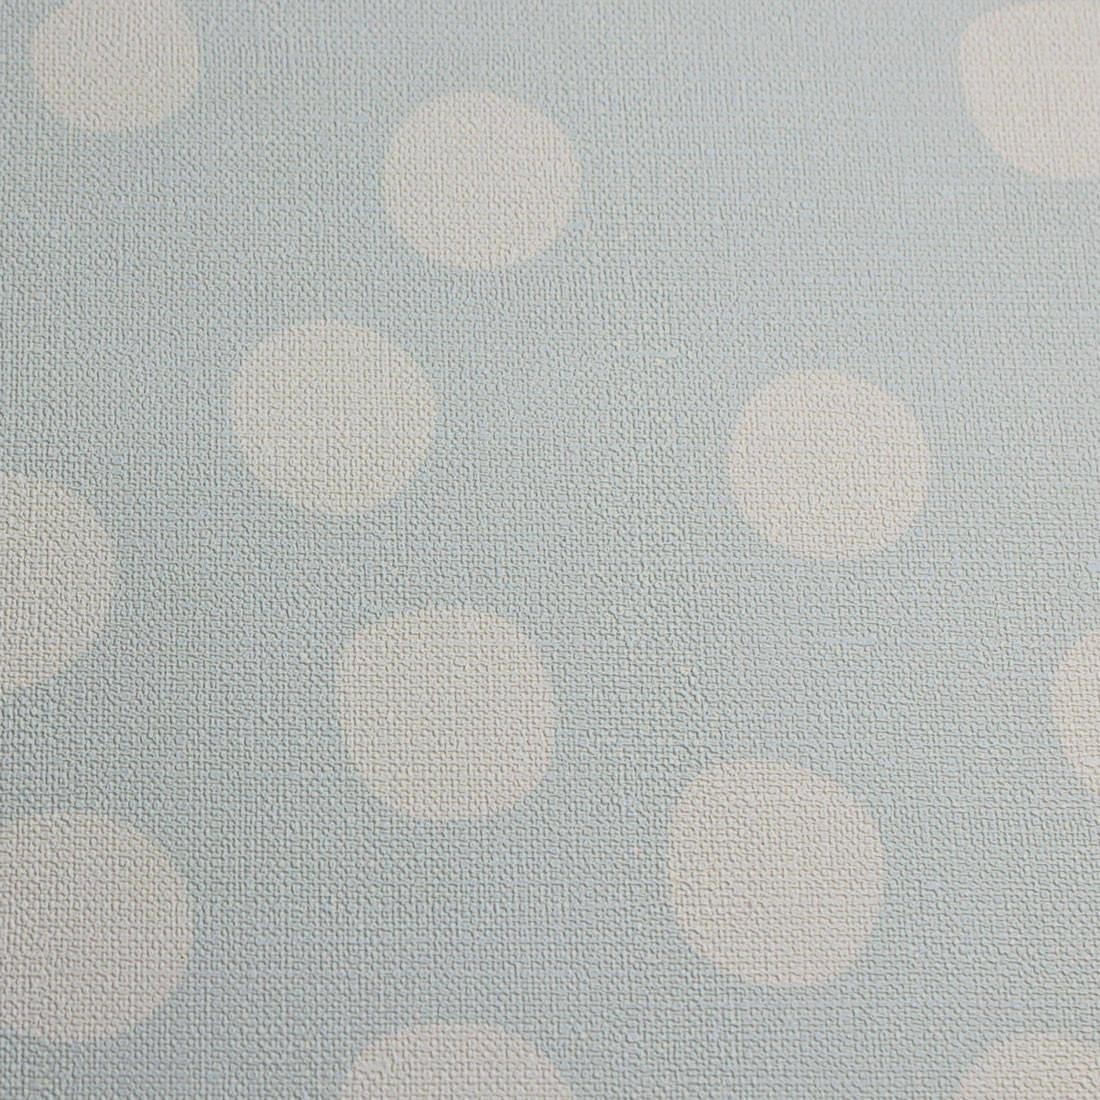 Papel de Parede Muresco Nido Bolinhas Textura